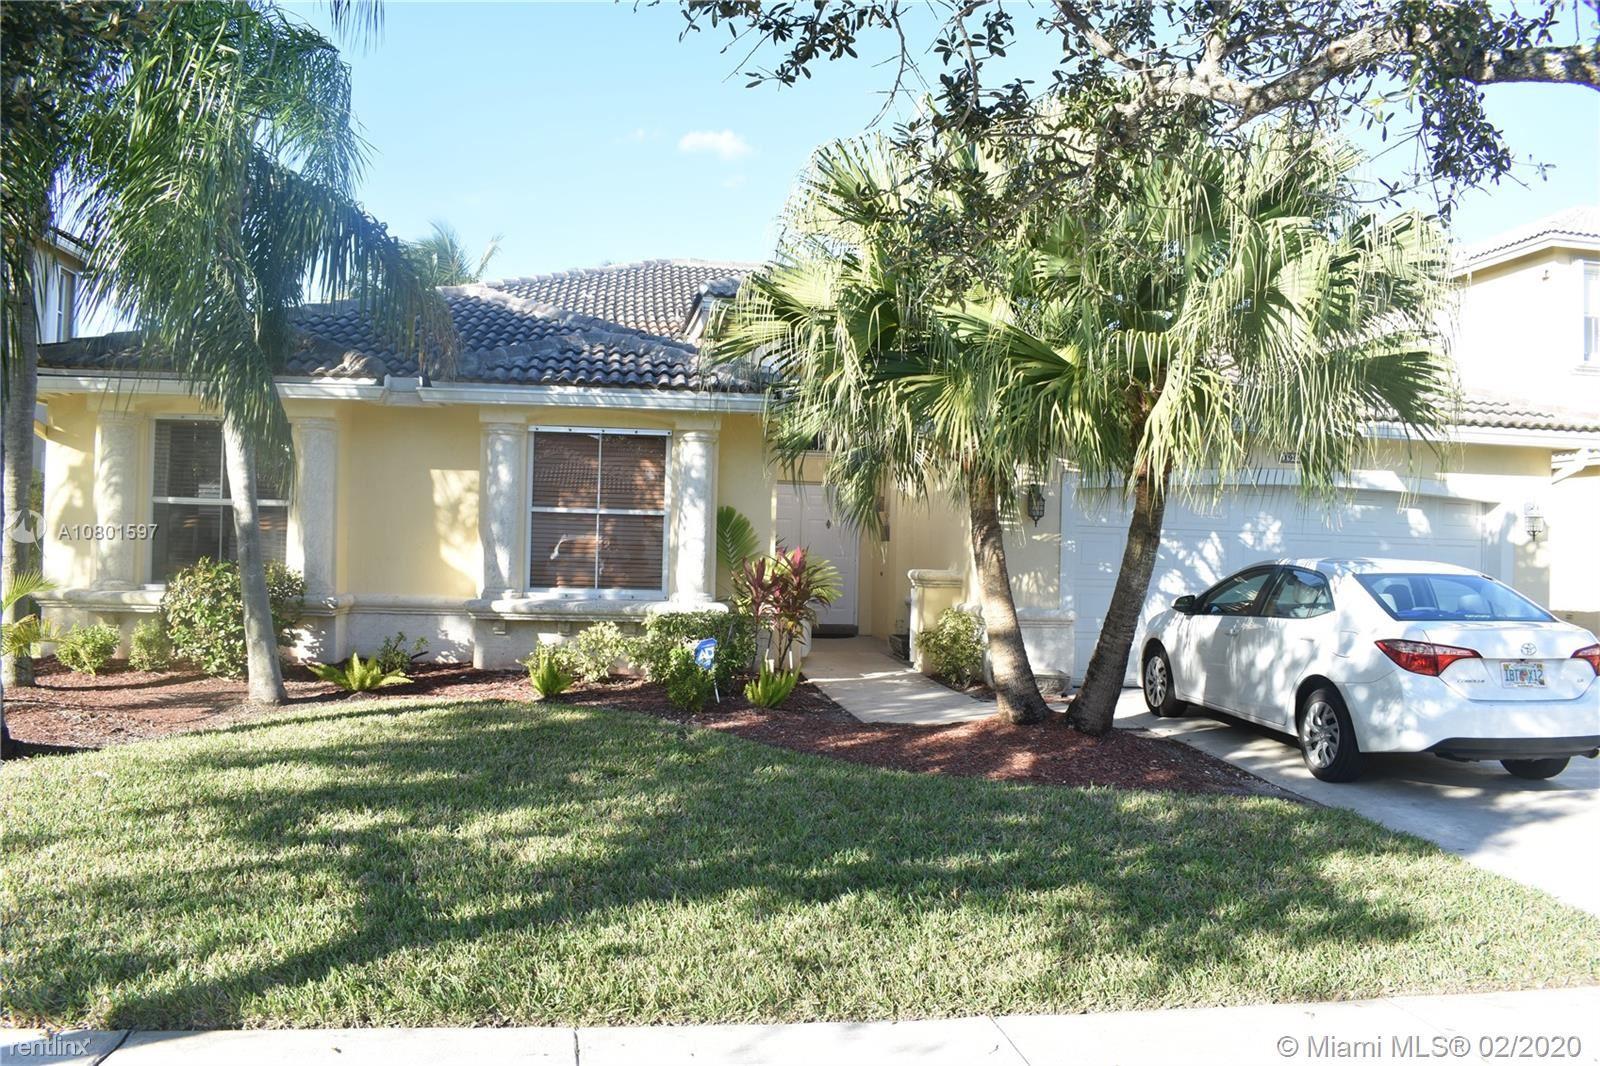 19063 NW 23rd Pl, Pembroke Pines, FL - $3,500